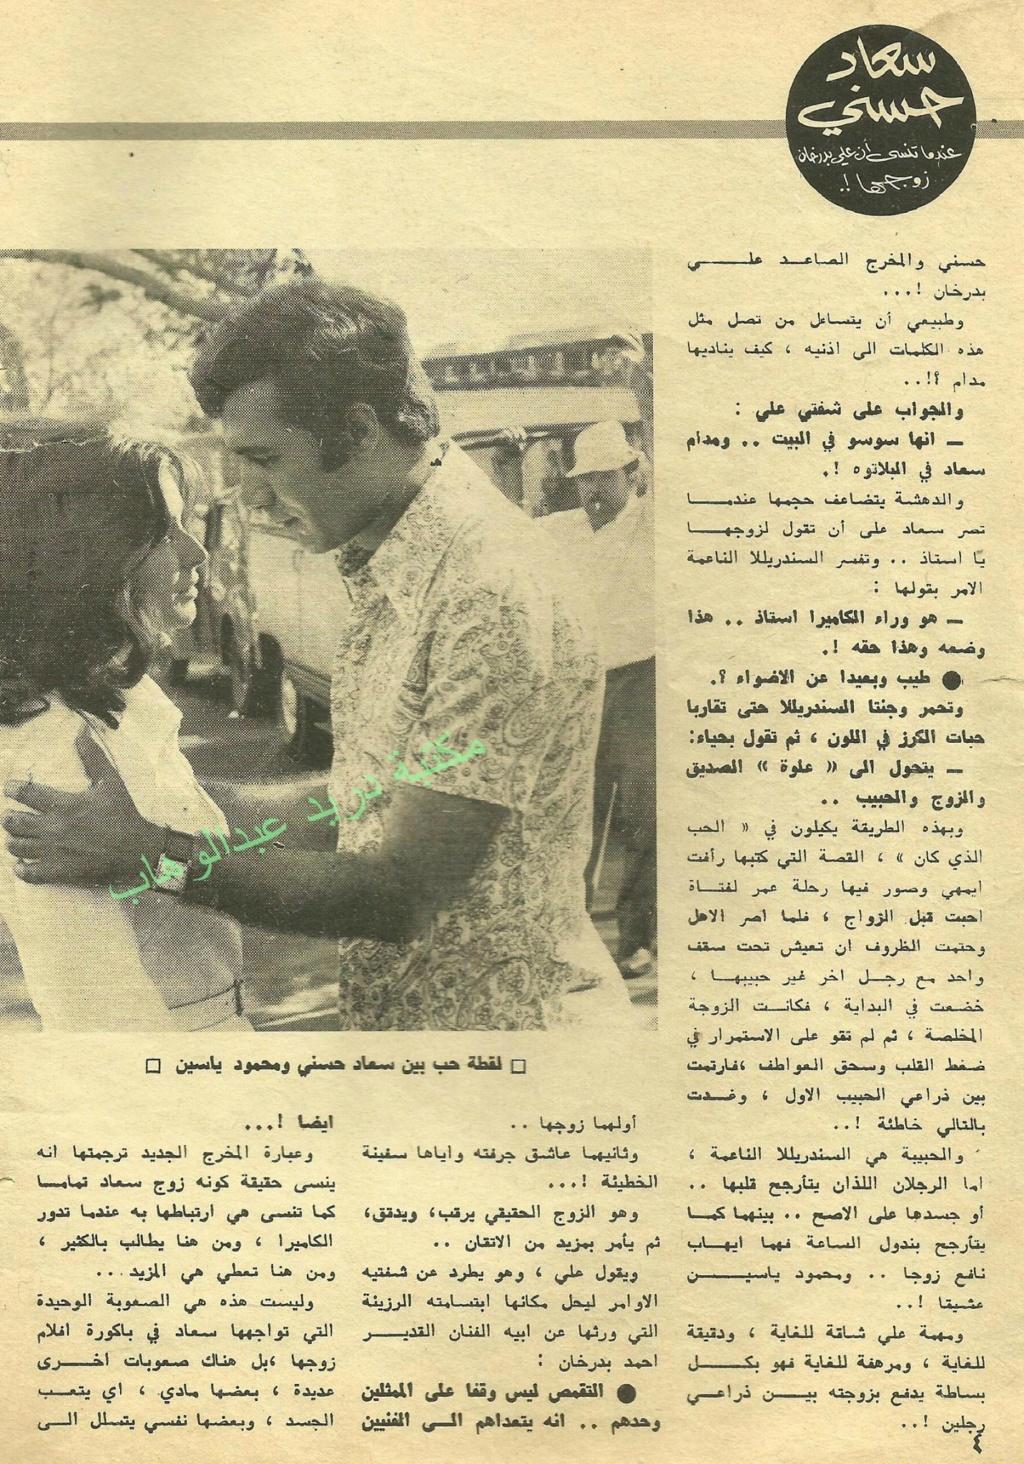 مقال - مقال صحفي : سعاد حسني عندما تنسى أن علي بدرخان زوجها ! 1972 م 2186